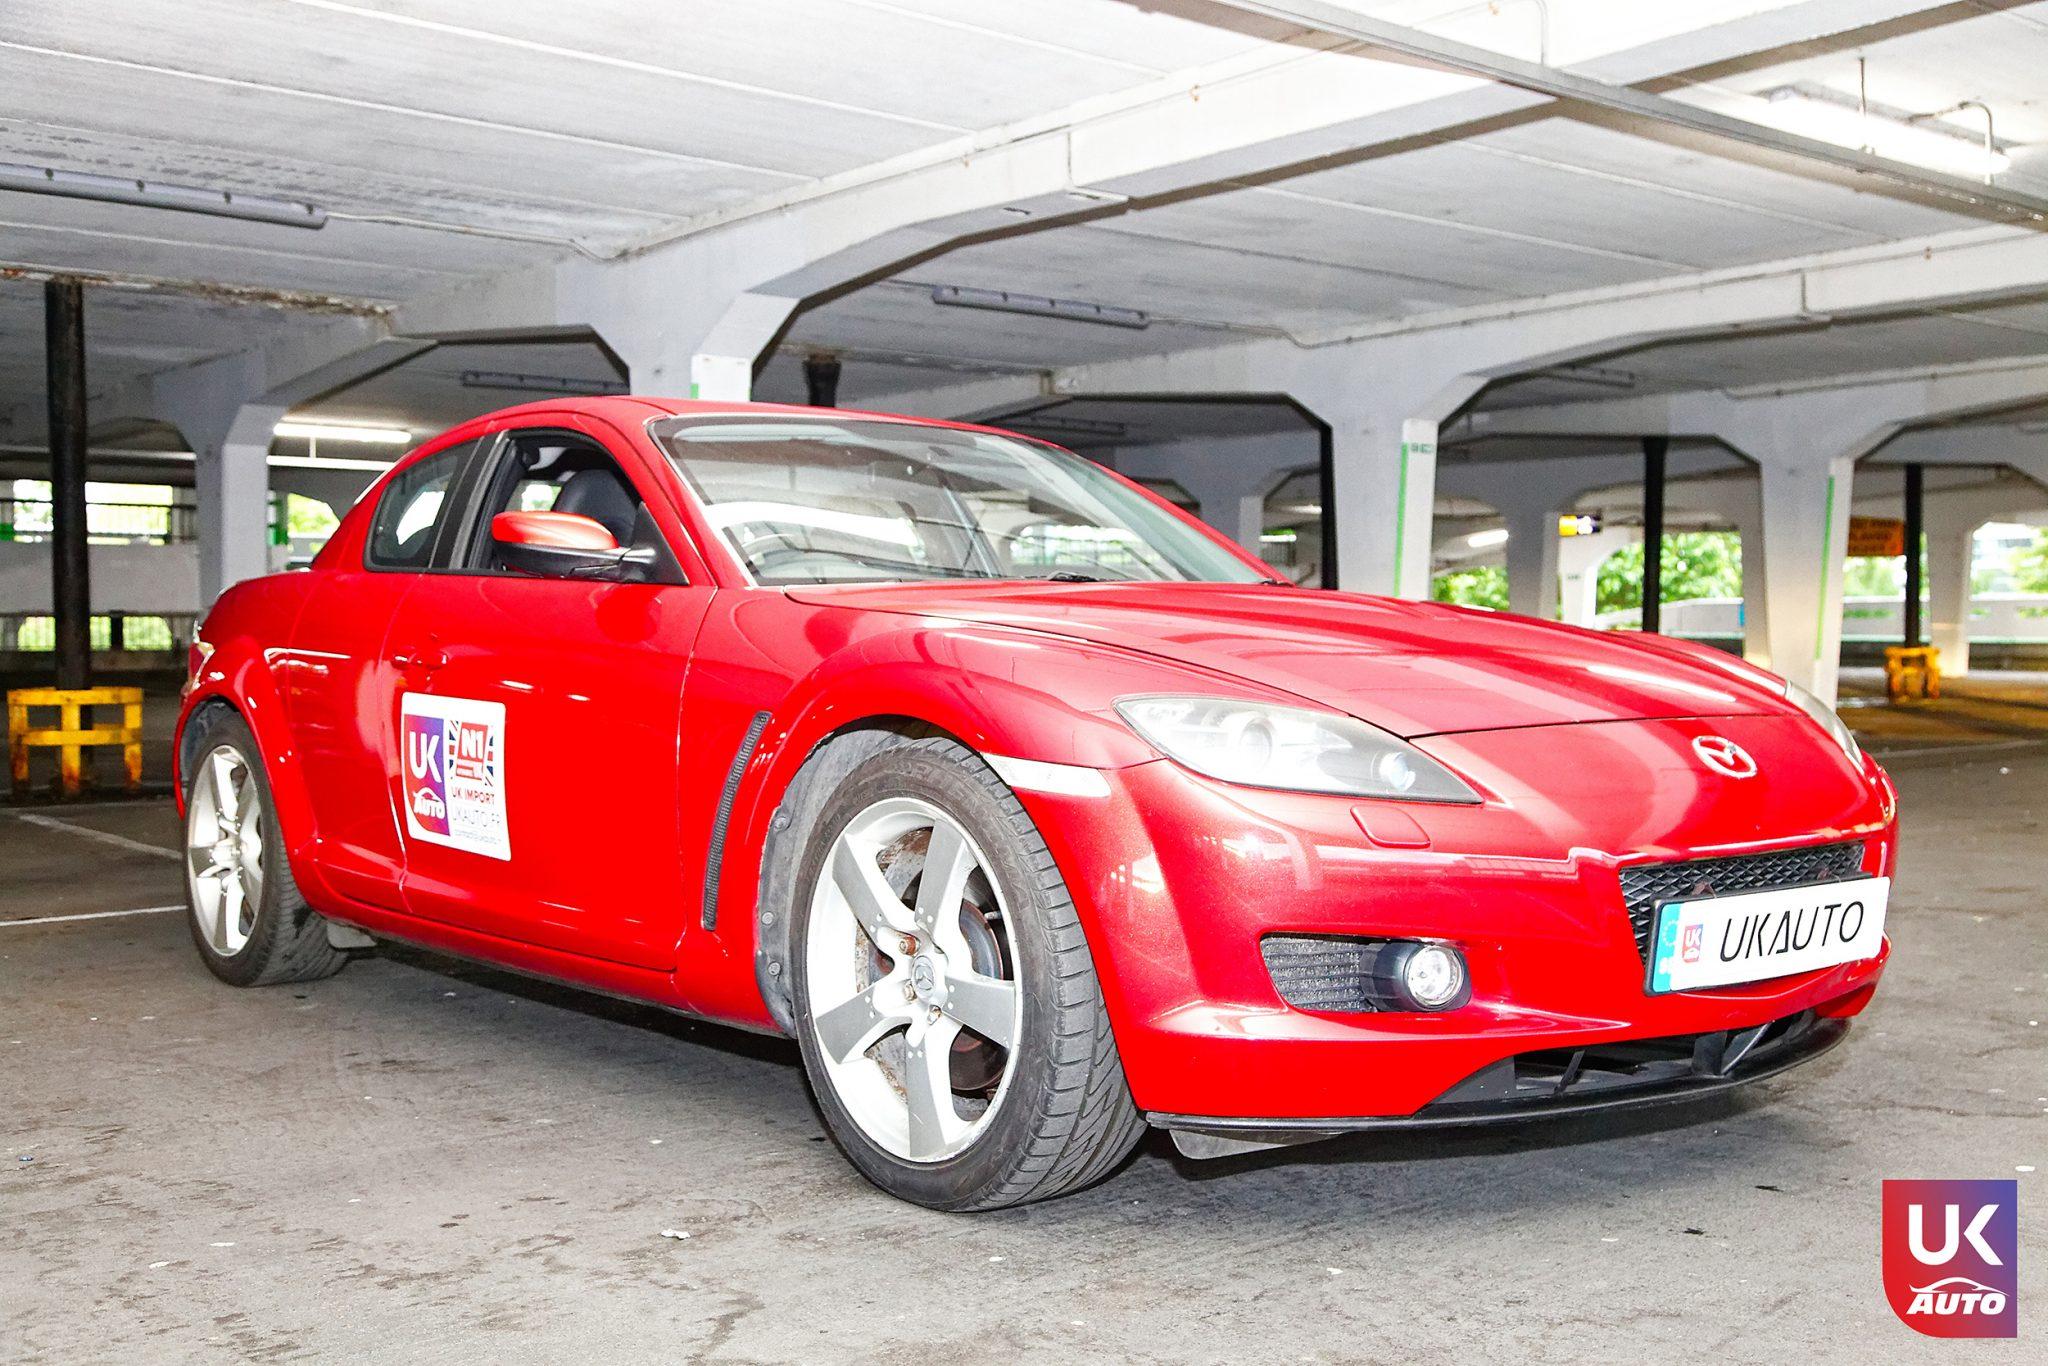 ukauto import uk angleterre mazda rx8 import voiture anglaise auto uk2 - Felecitation a Jeremie pour cette Mazda RX8 RHD import voiture anglaise N1 UK